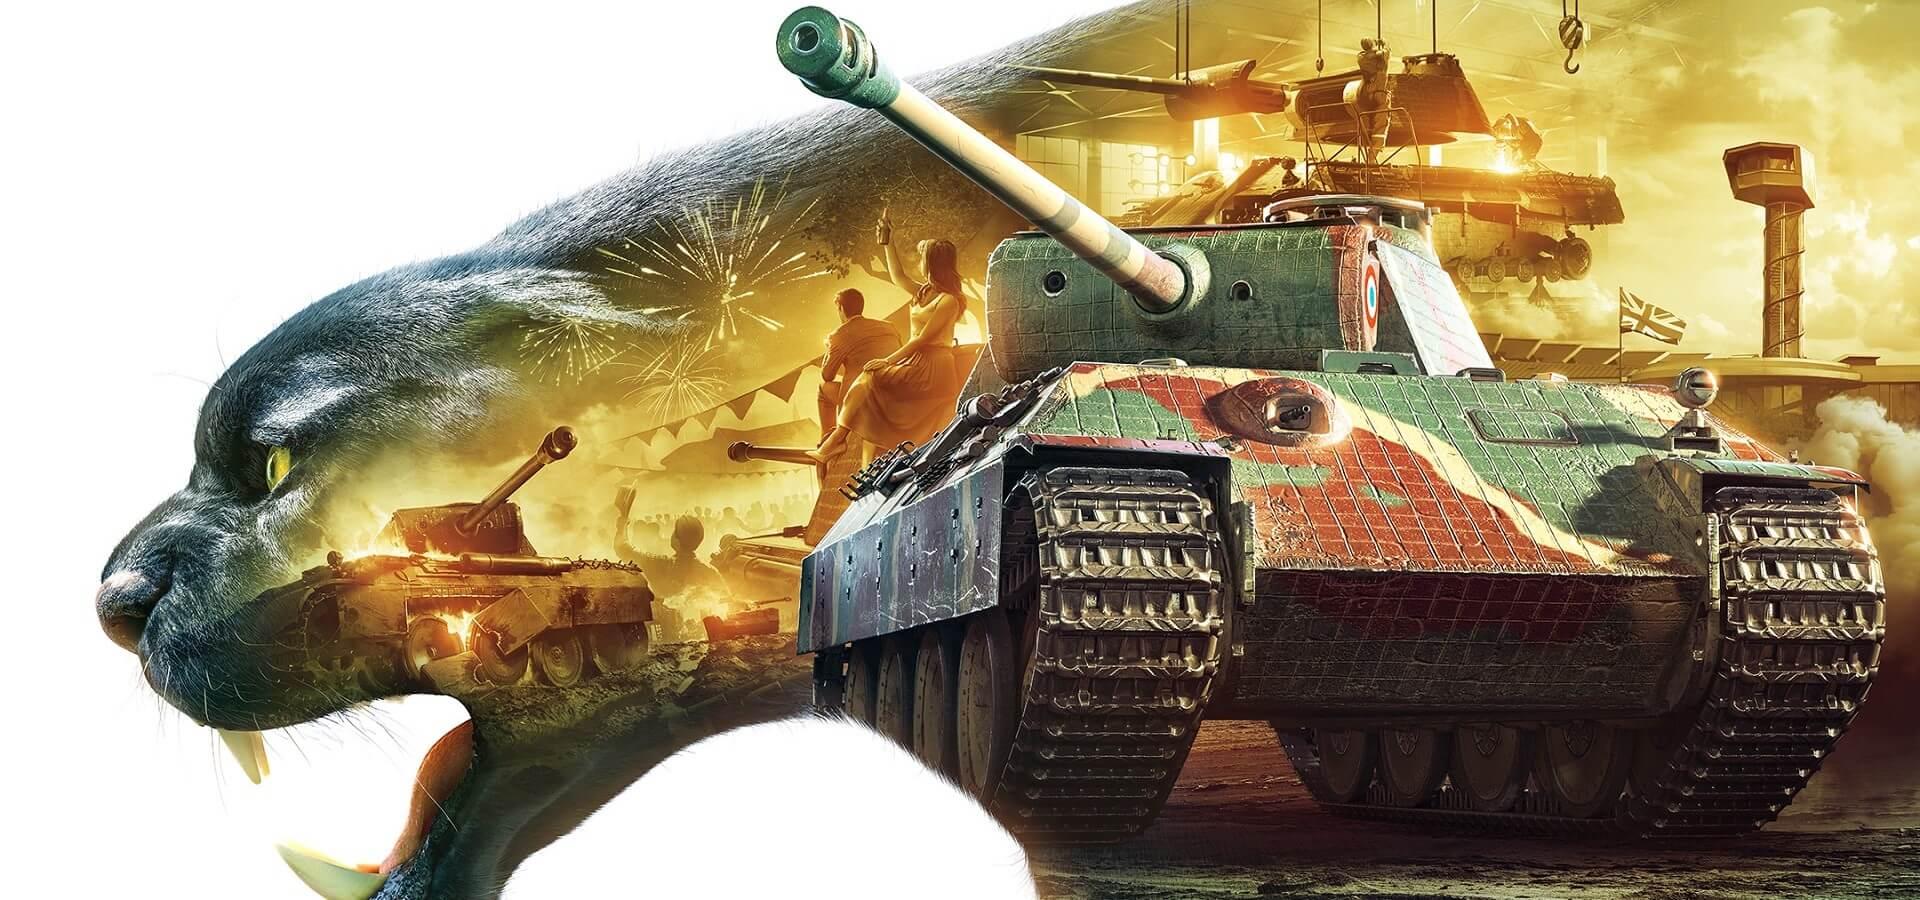 https://i0.wp.com/eu-wotp.wgcdn.co/dcont/fb/image/tankfest-2019-banner.jpg